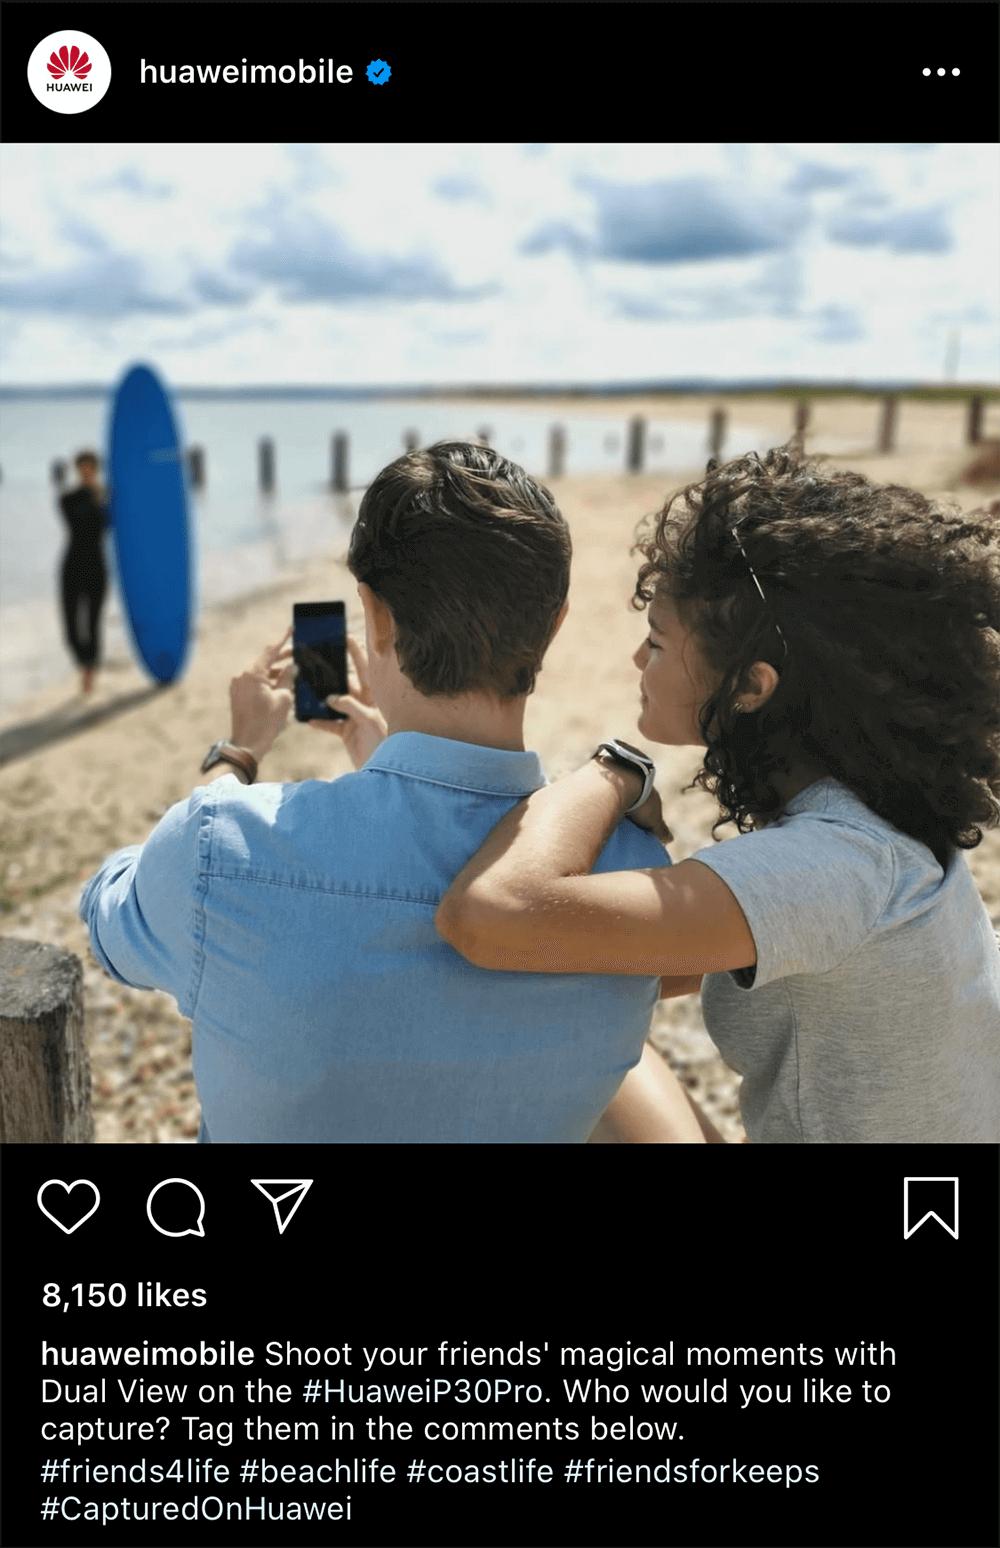 Huawei Instagram post